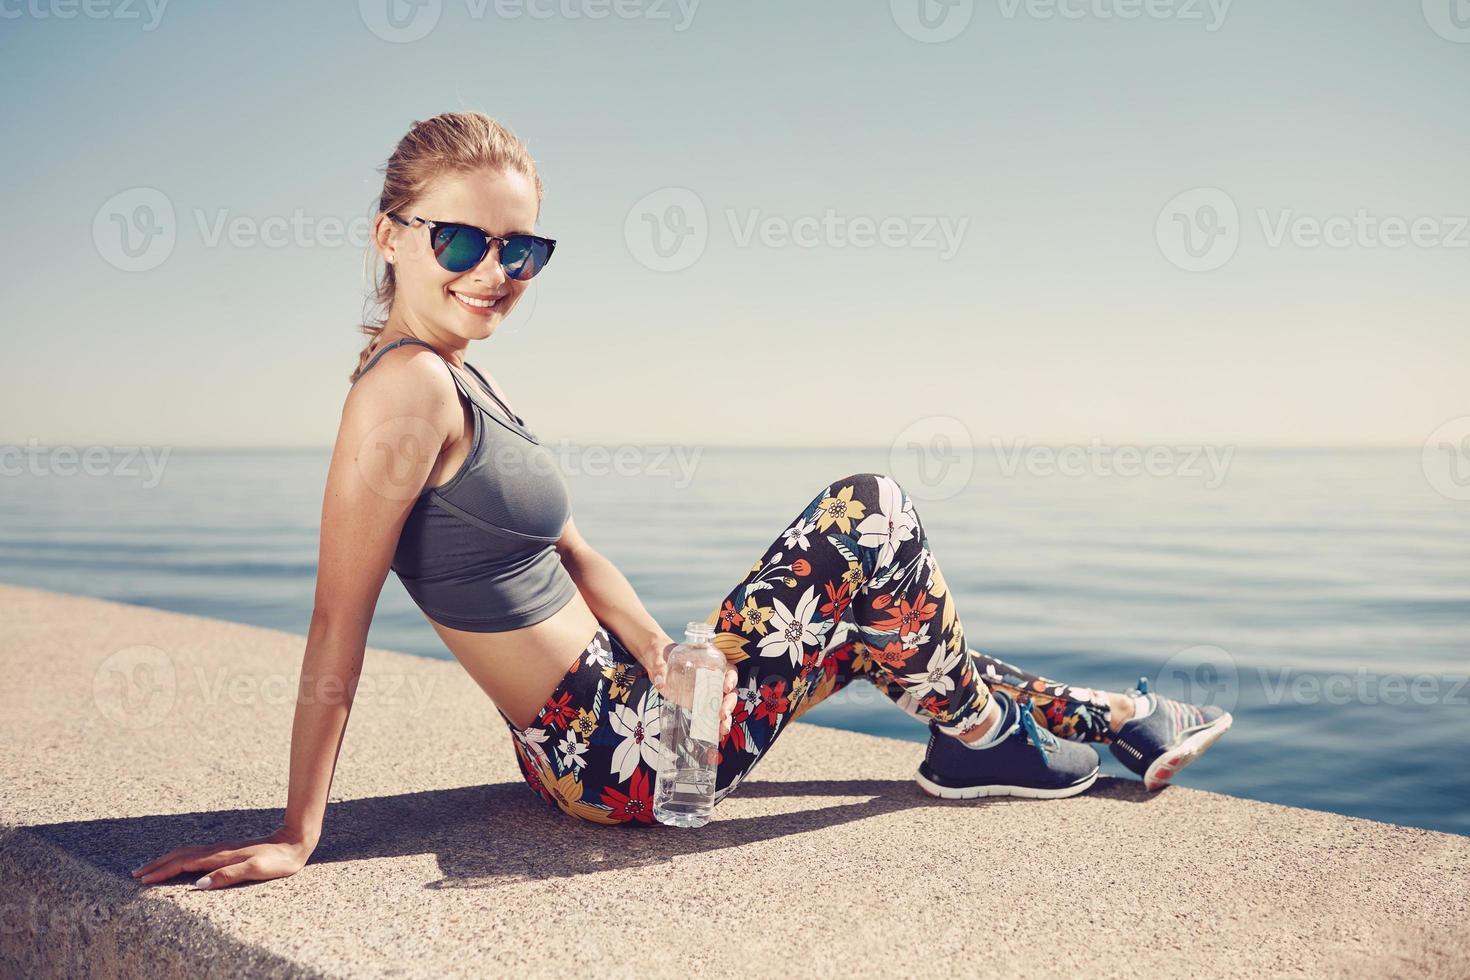 joven fitness mujer rubia sostenga la botella de agua después del ajuste foto